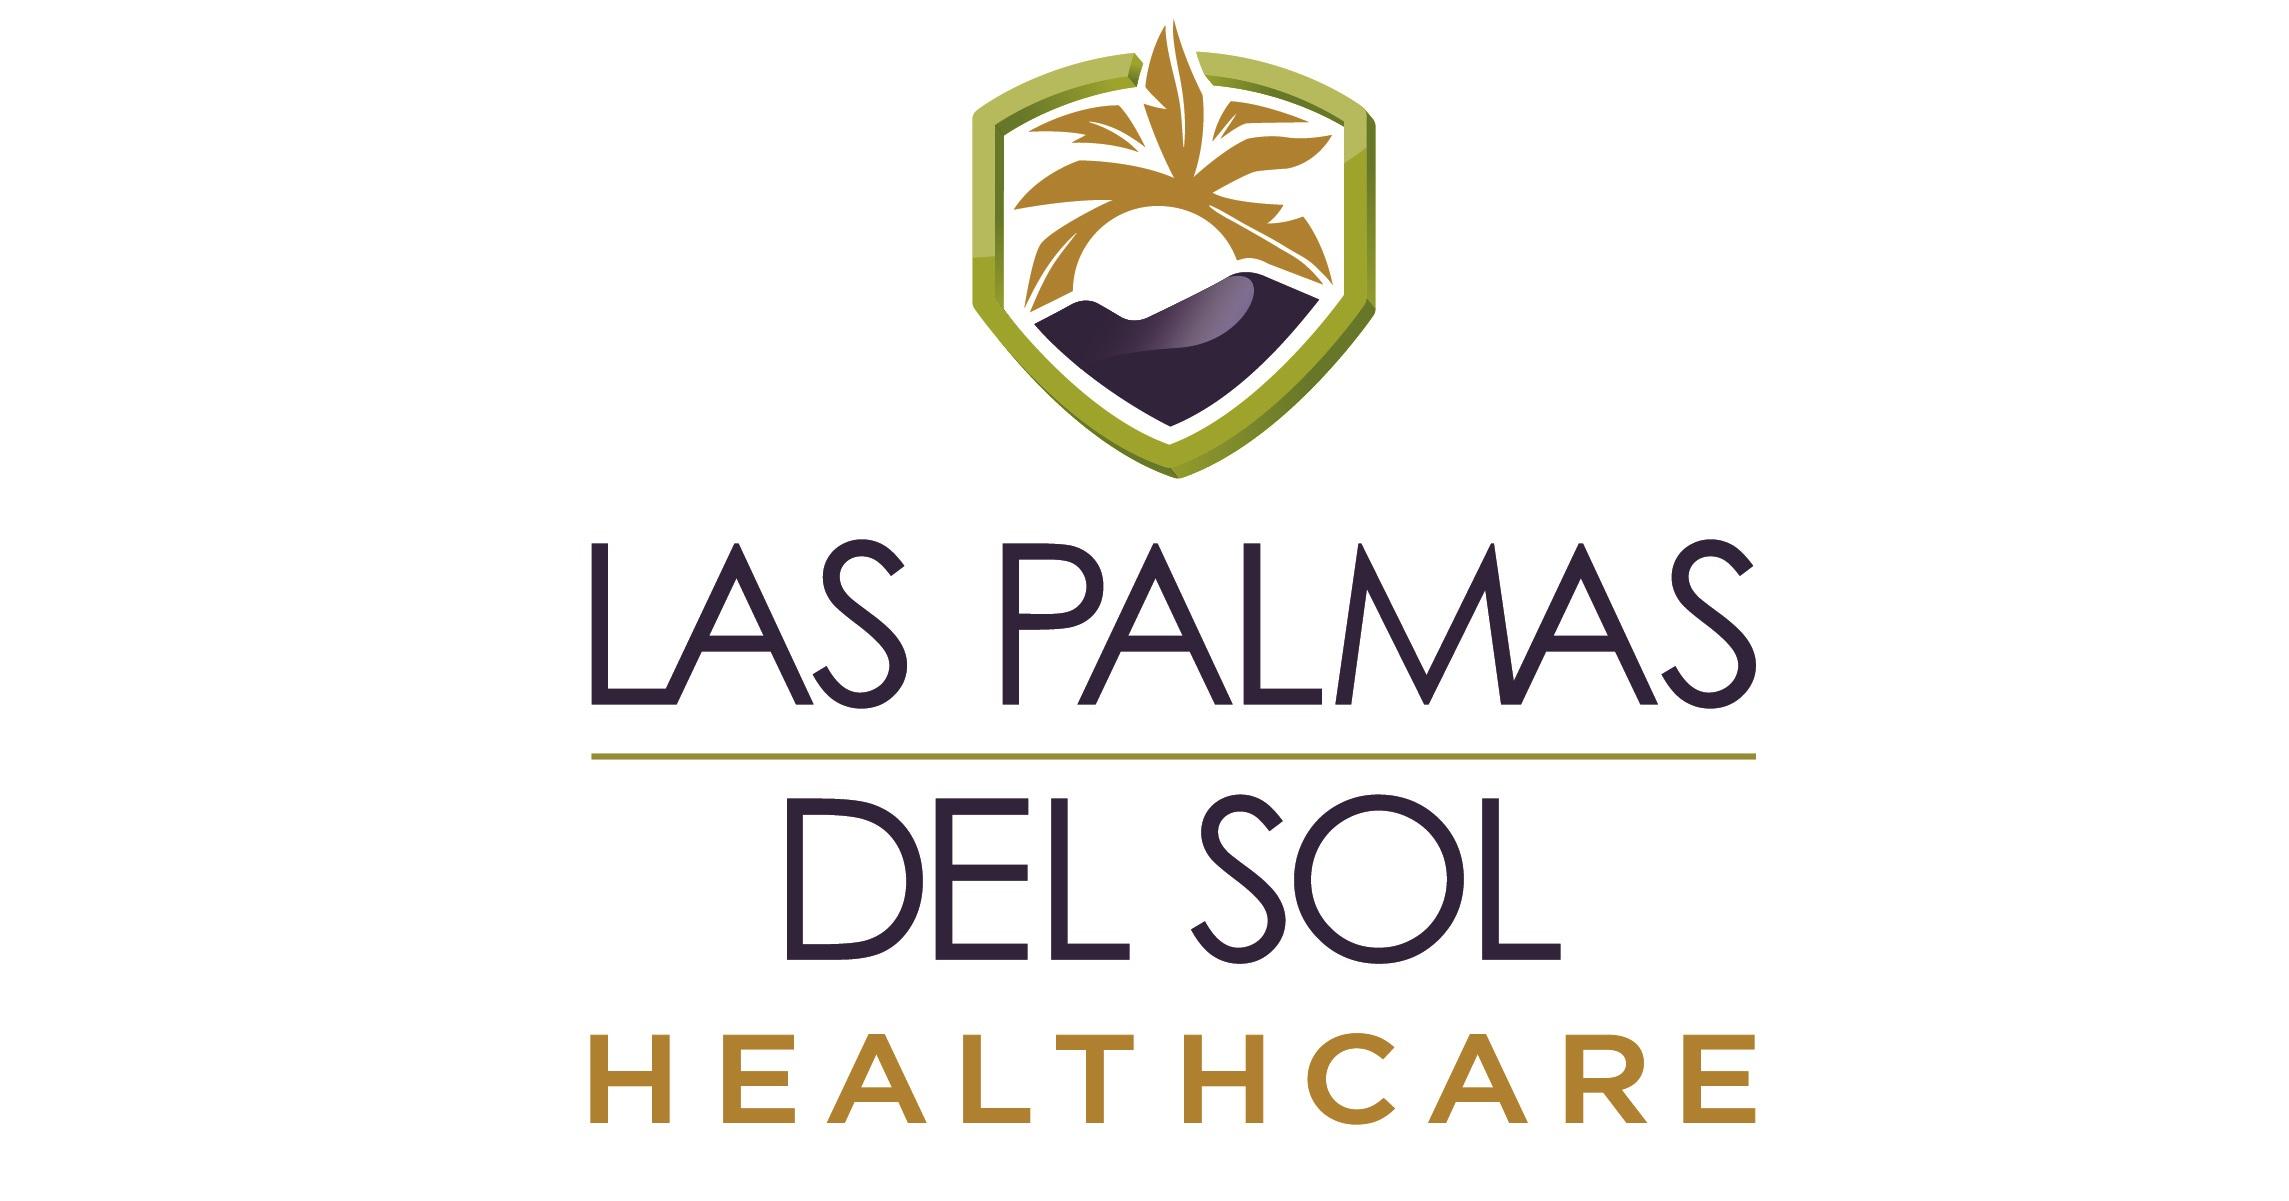 Las Palmas Del Sol HealthCare logo